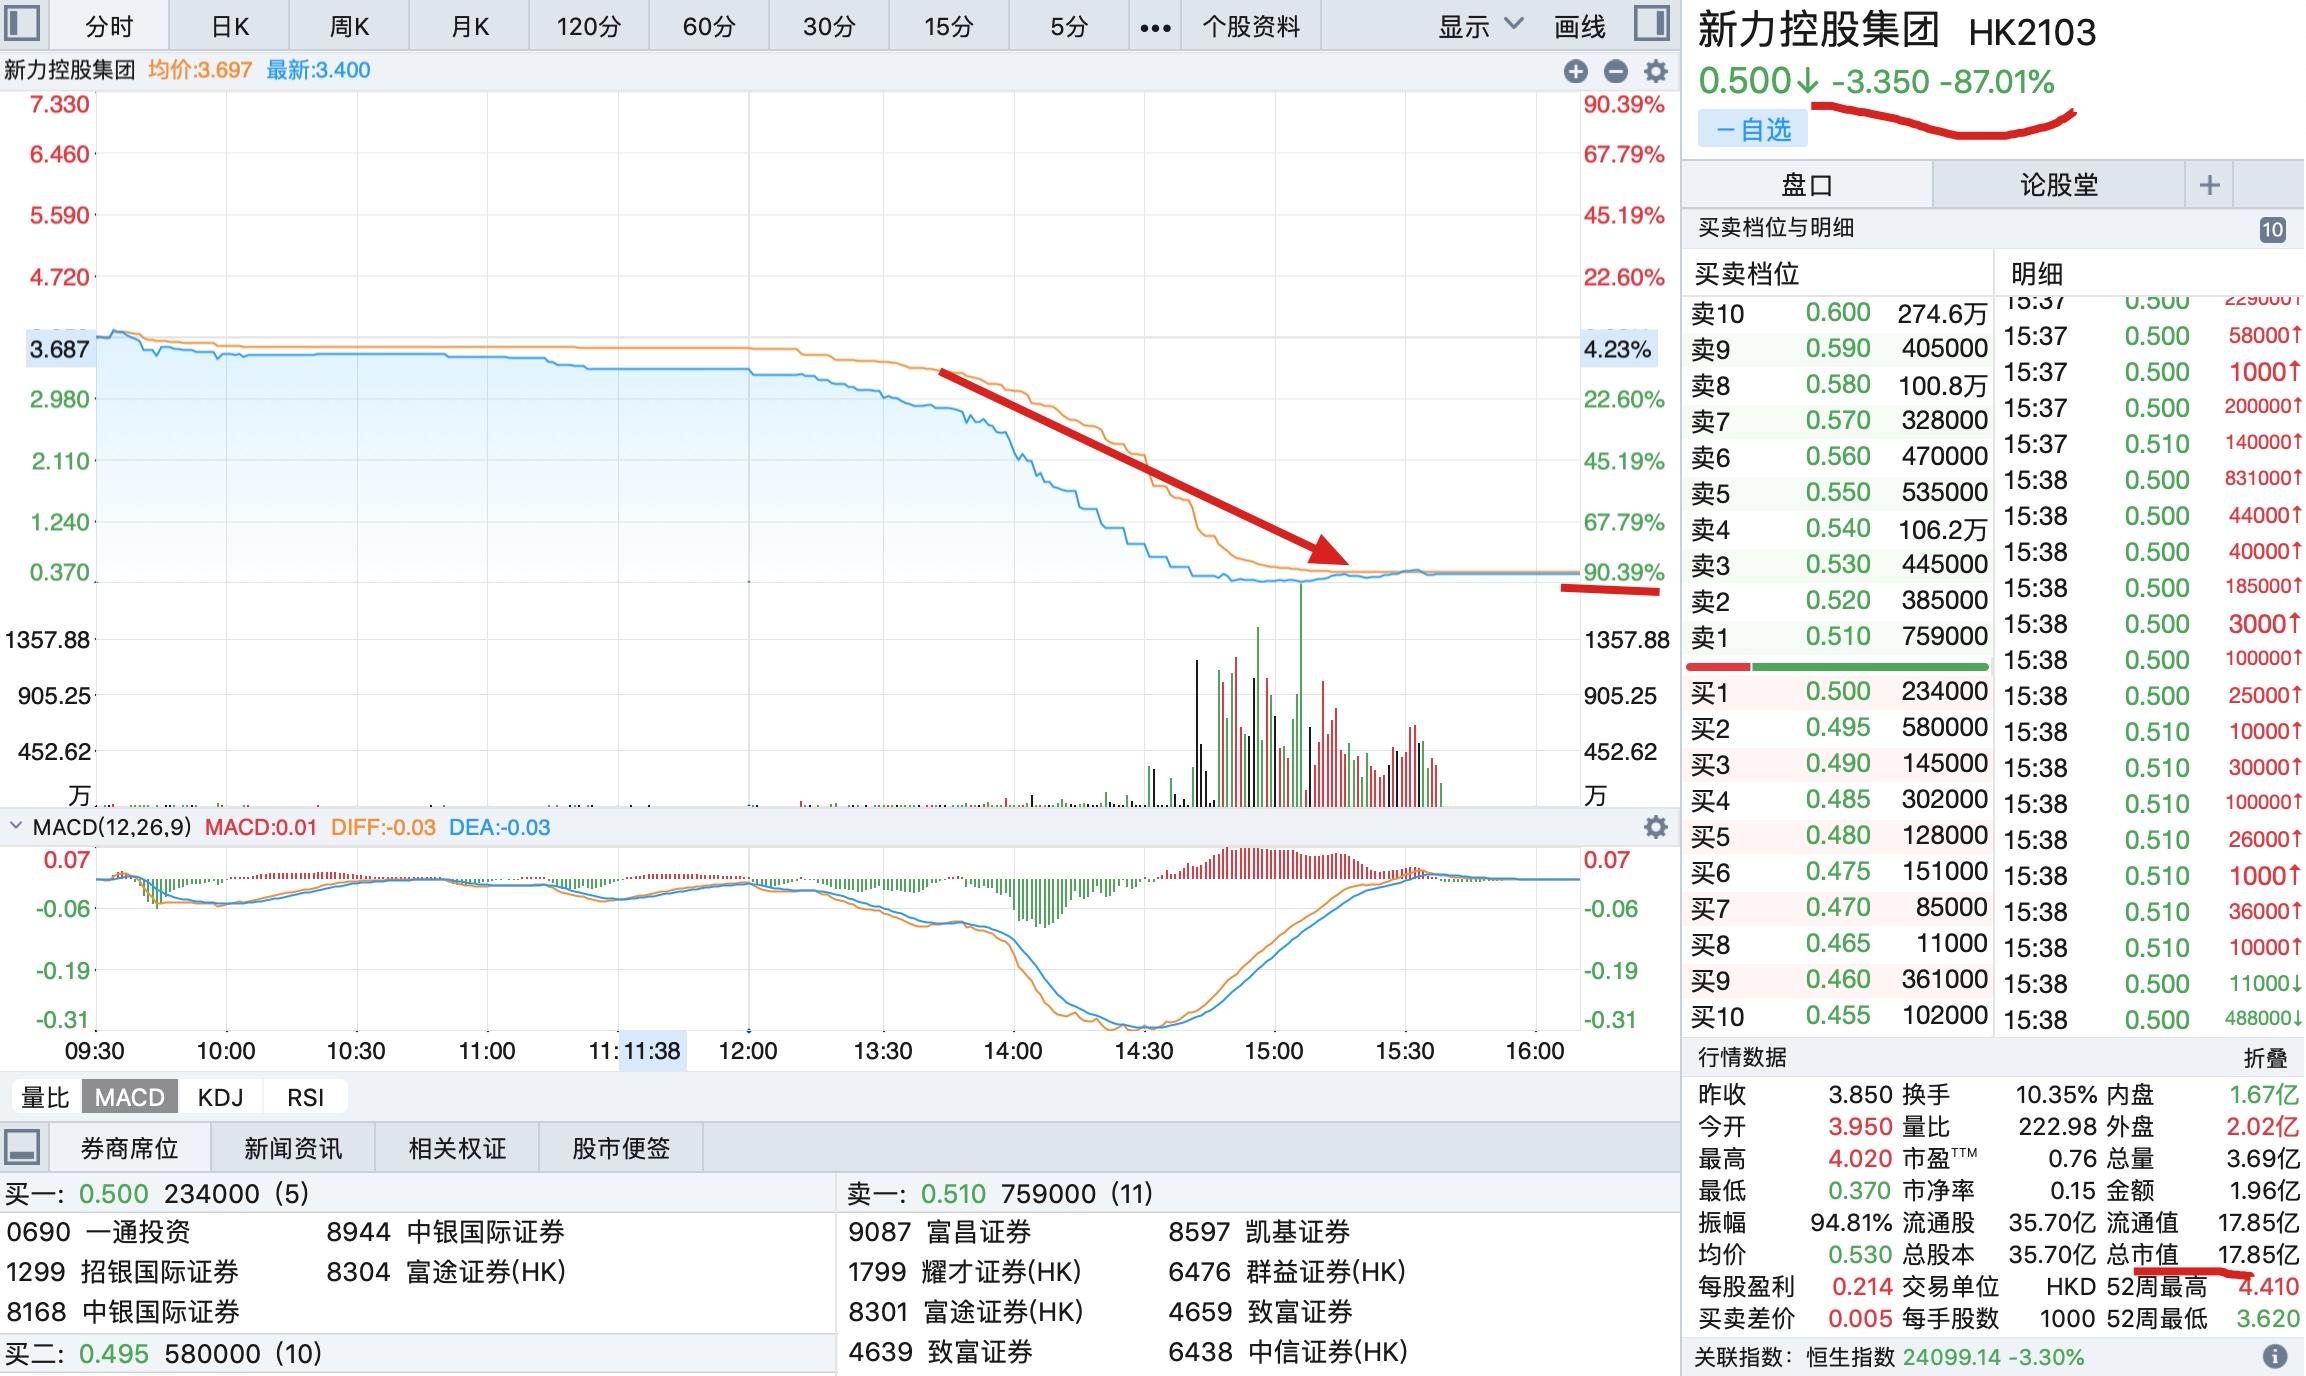 新力怎么了?盘中跌逾90%当日市值蒸发超123亿港元